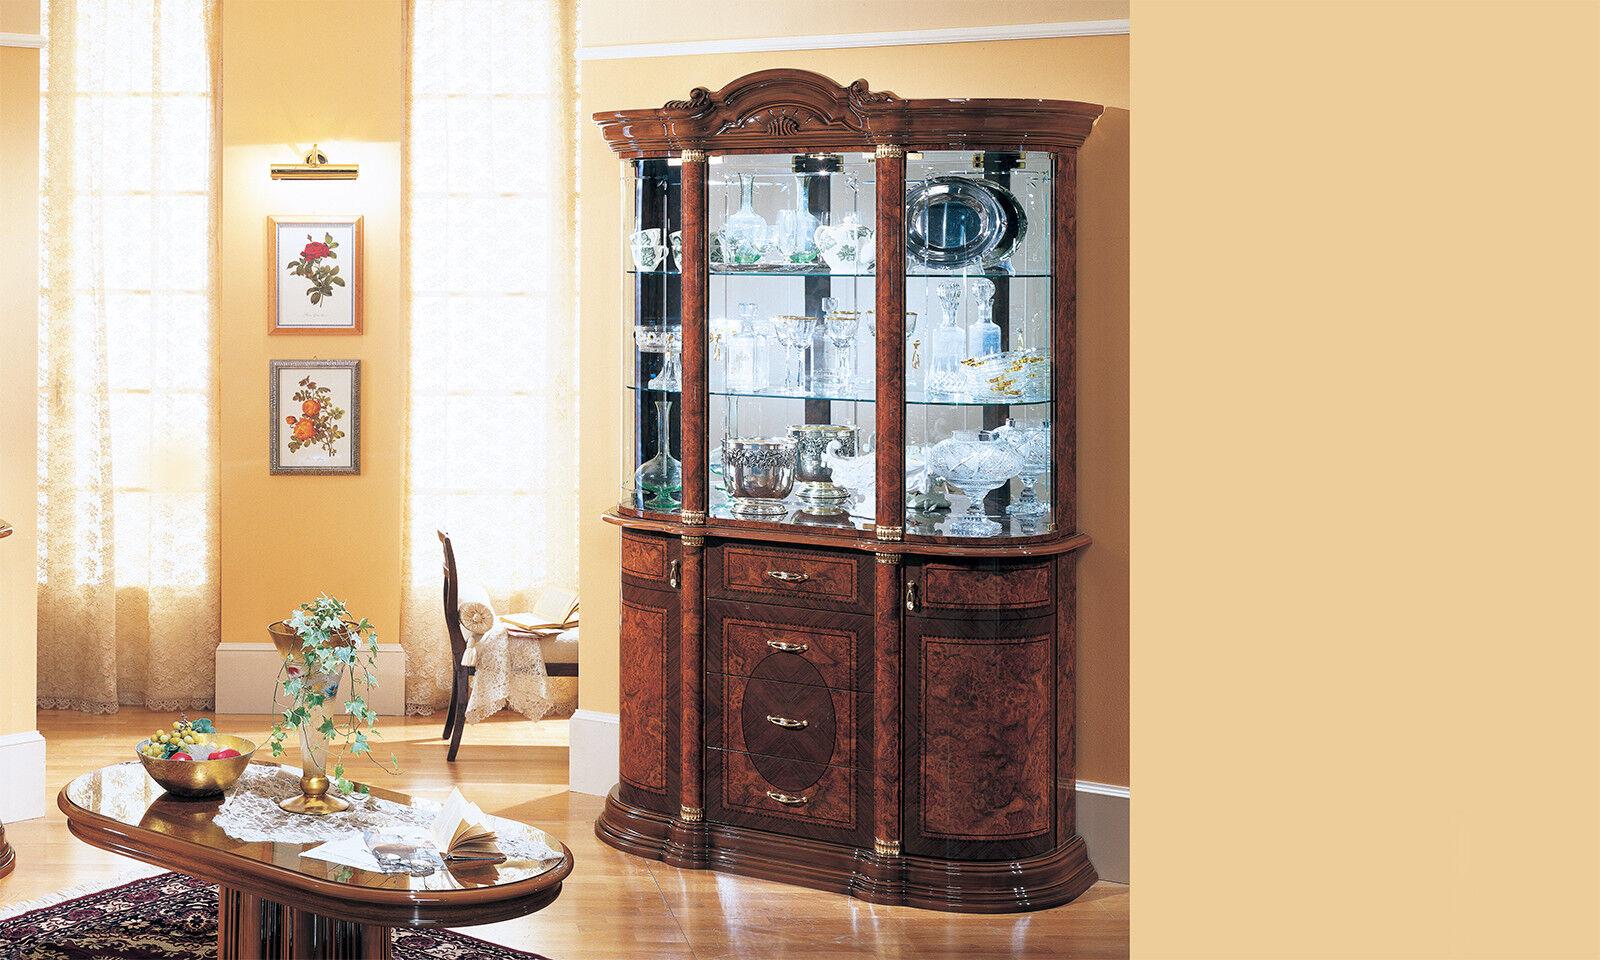 moebel im italienischen stil, wohnzimmerschrank italienischer stil dunkelbraun140cm, Design ideen